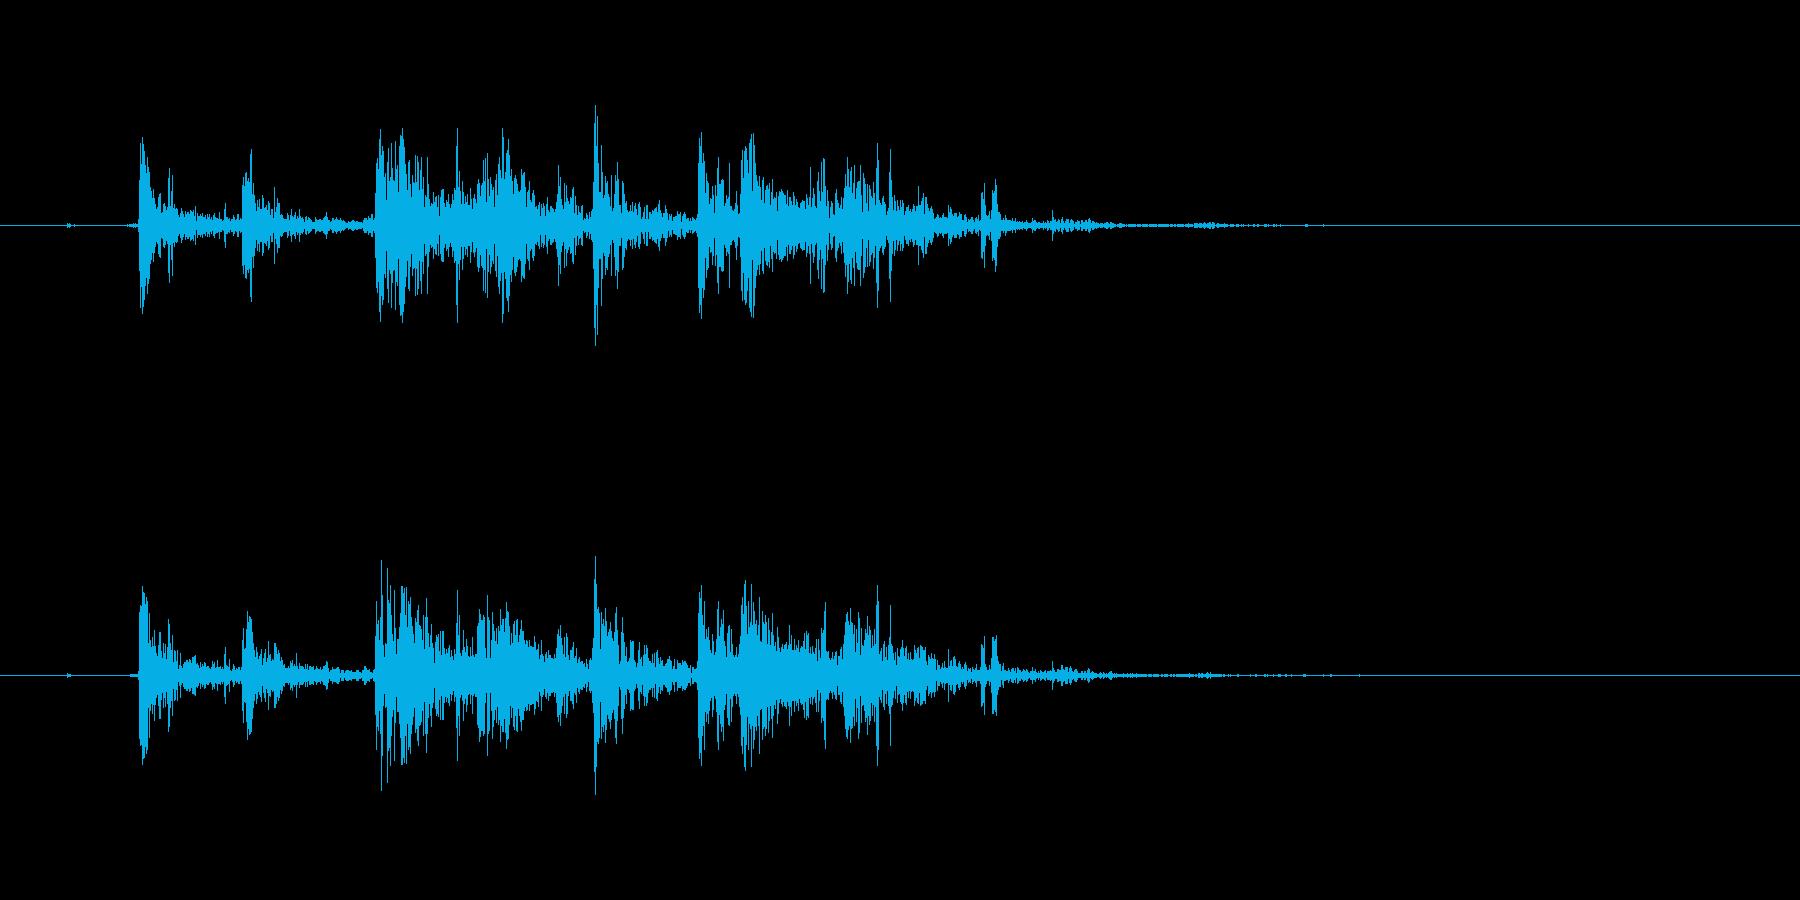 バキバキバキッ(大きな亀裂、低め)の再生済みの波形